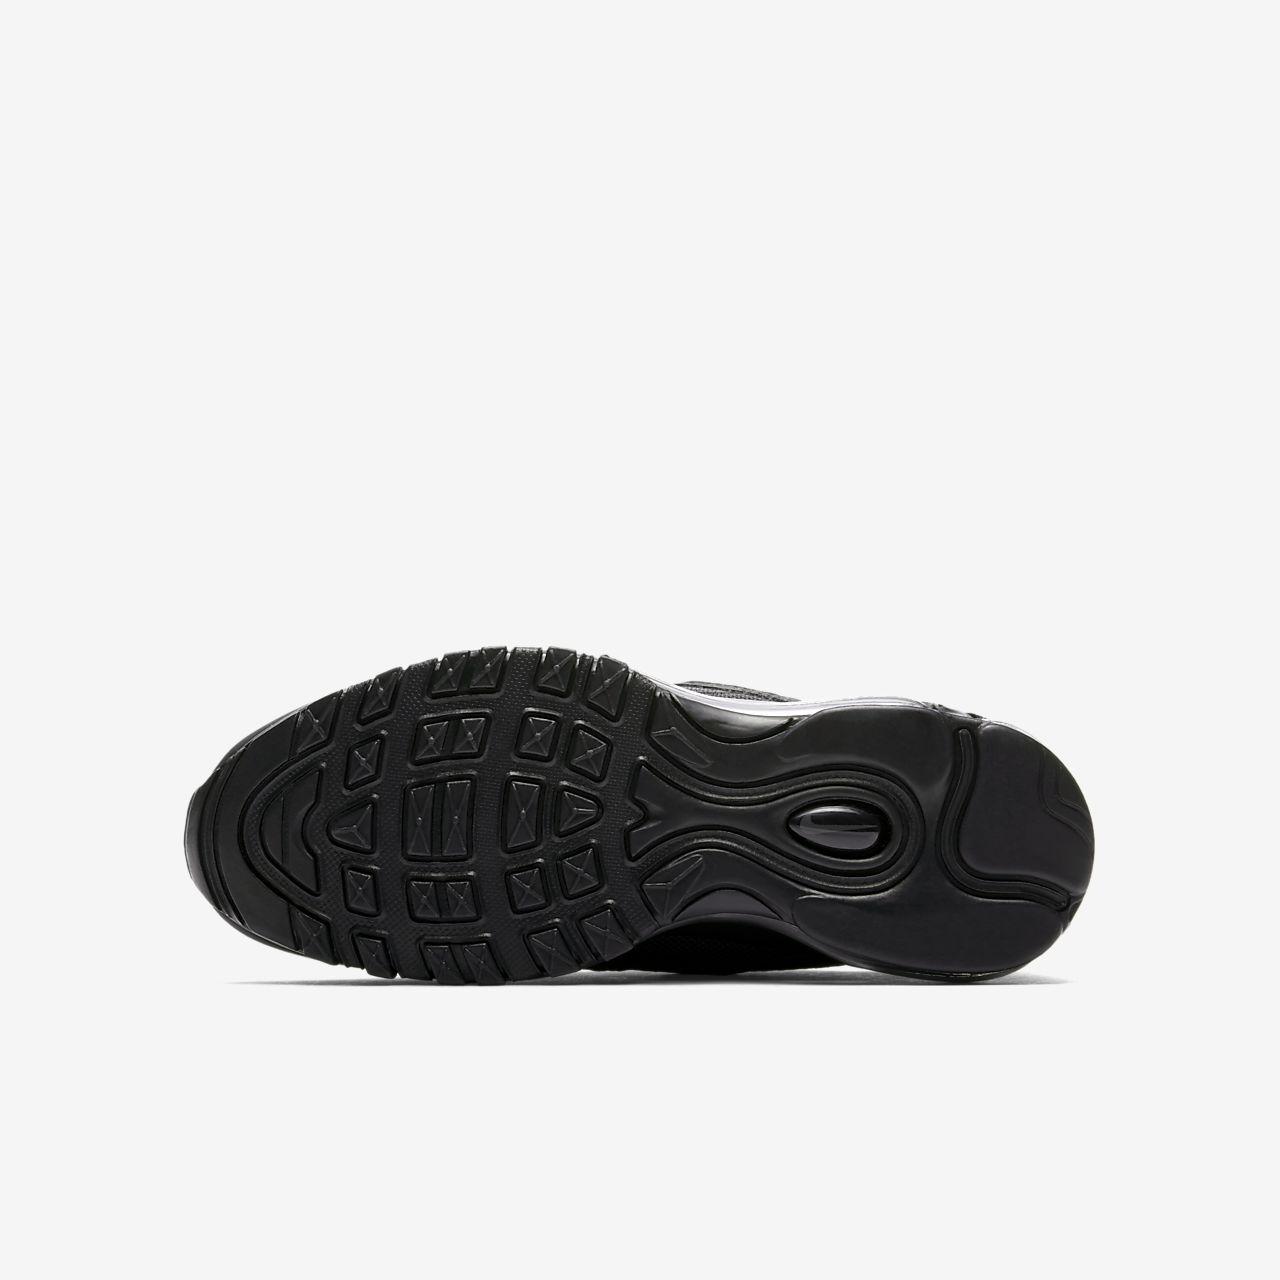 newest 43fa8 84747 ... Nike Air Max 97 OG Schuh für ältere Kinder